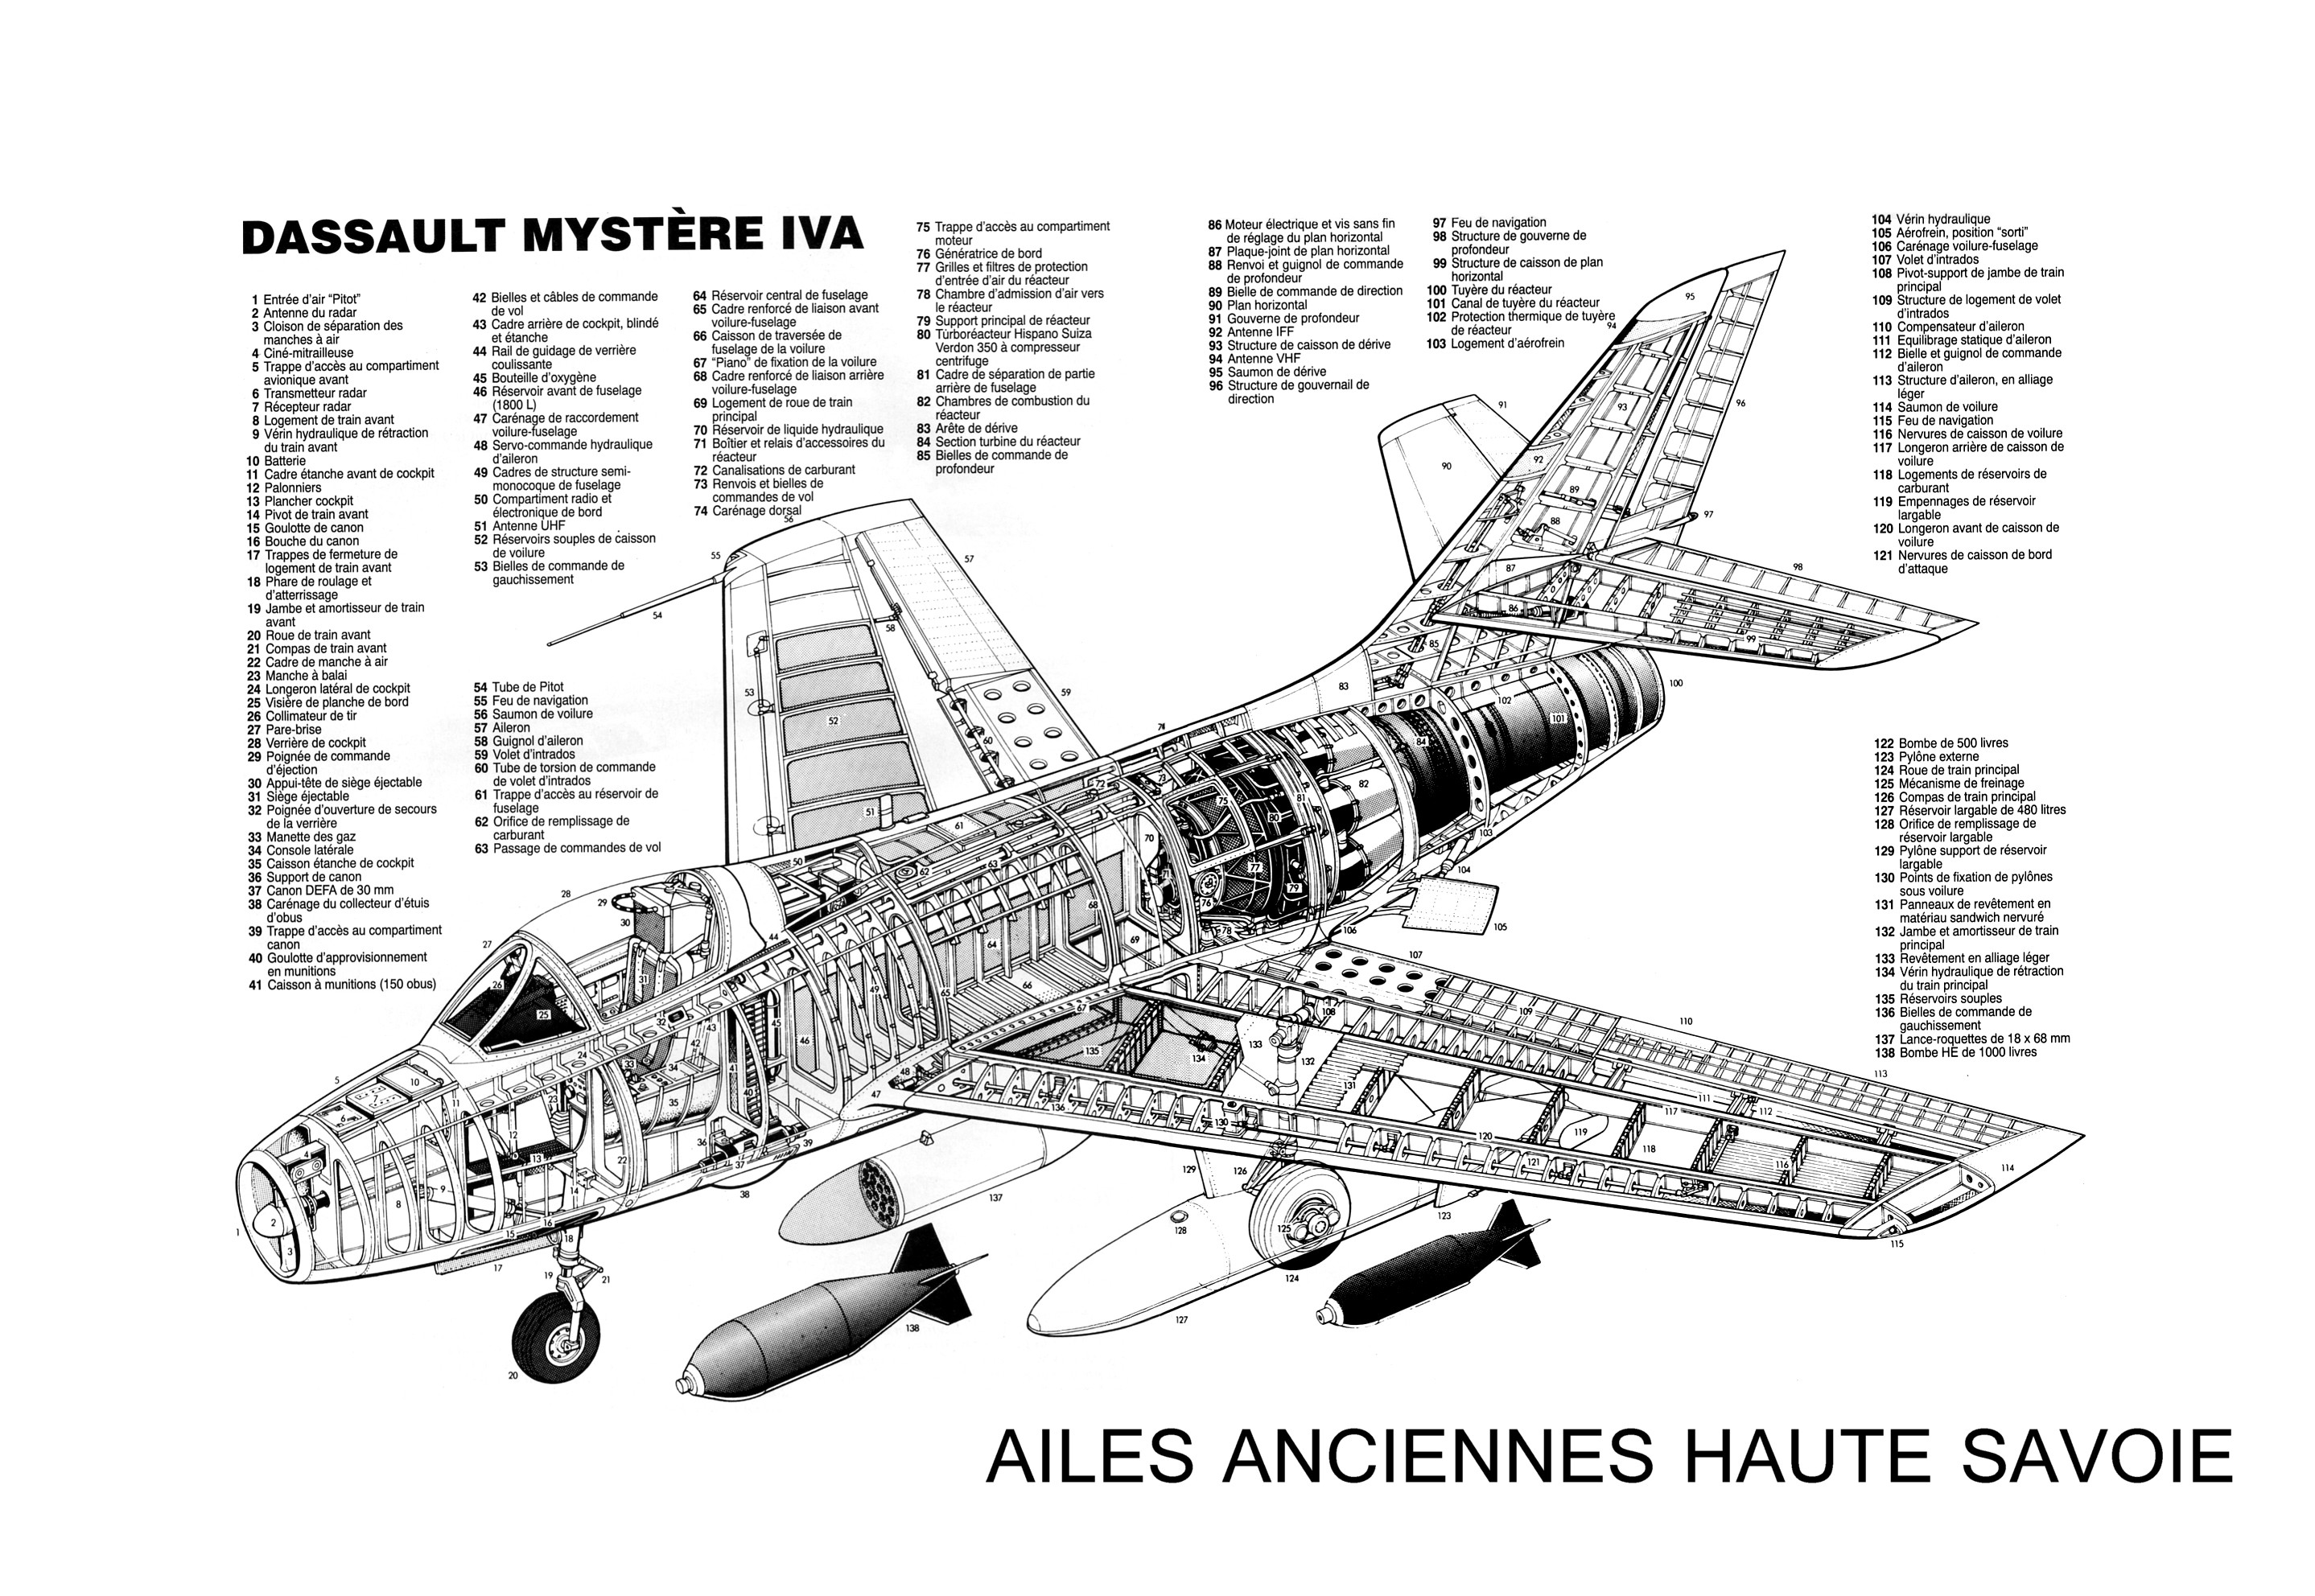 Dassault Mystere IV écorché